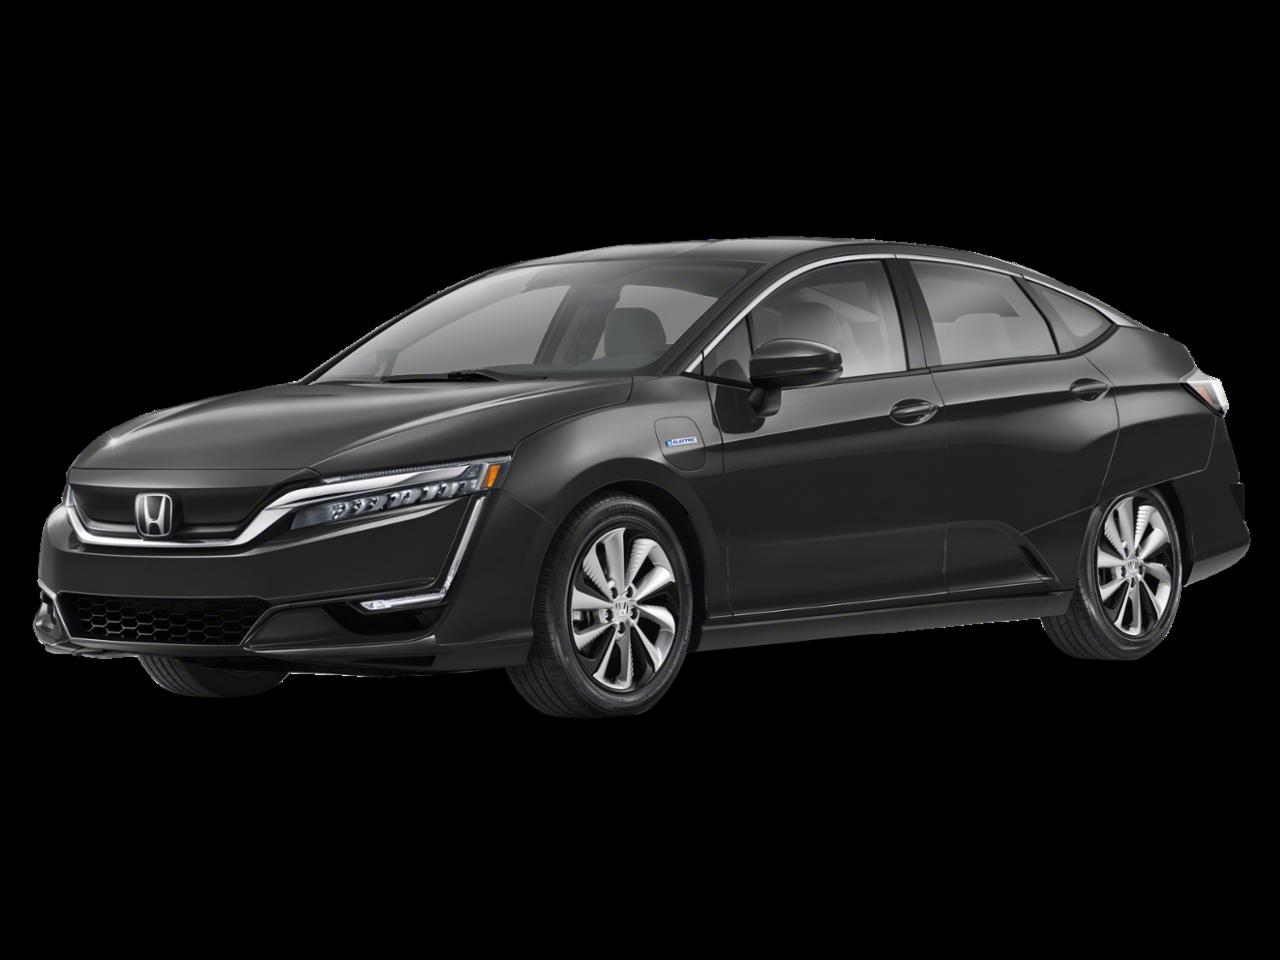 Honda 2019 Clarity Electric Sedan